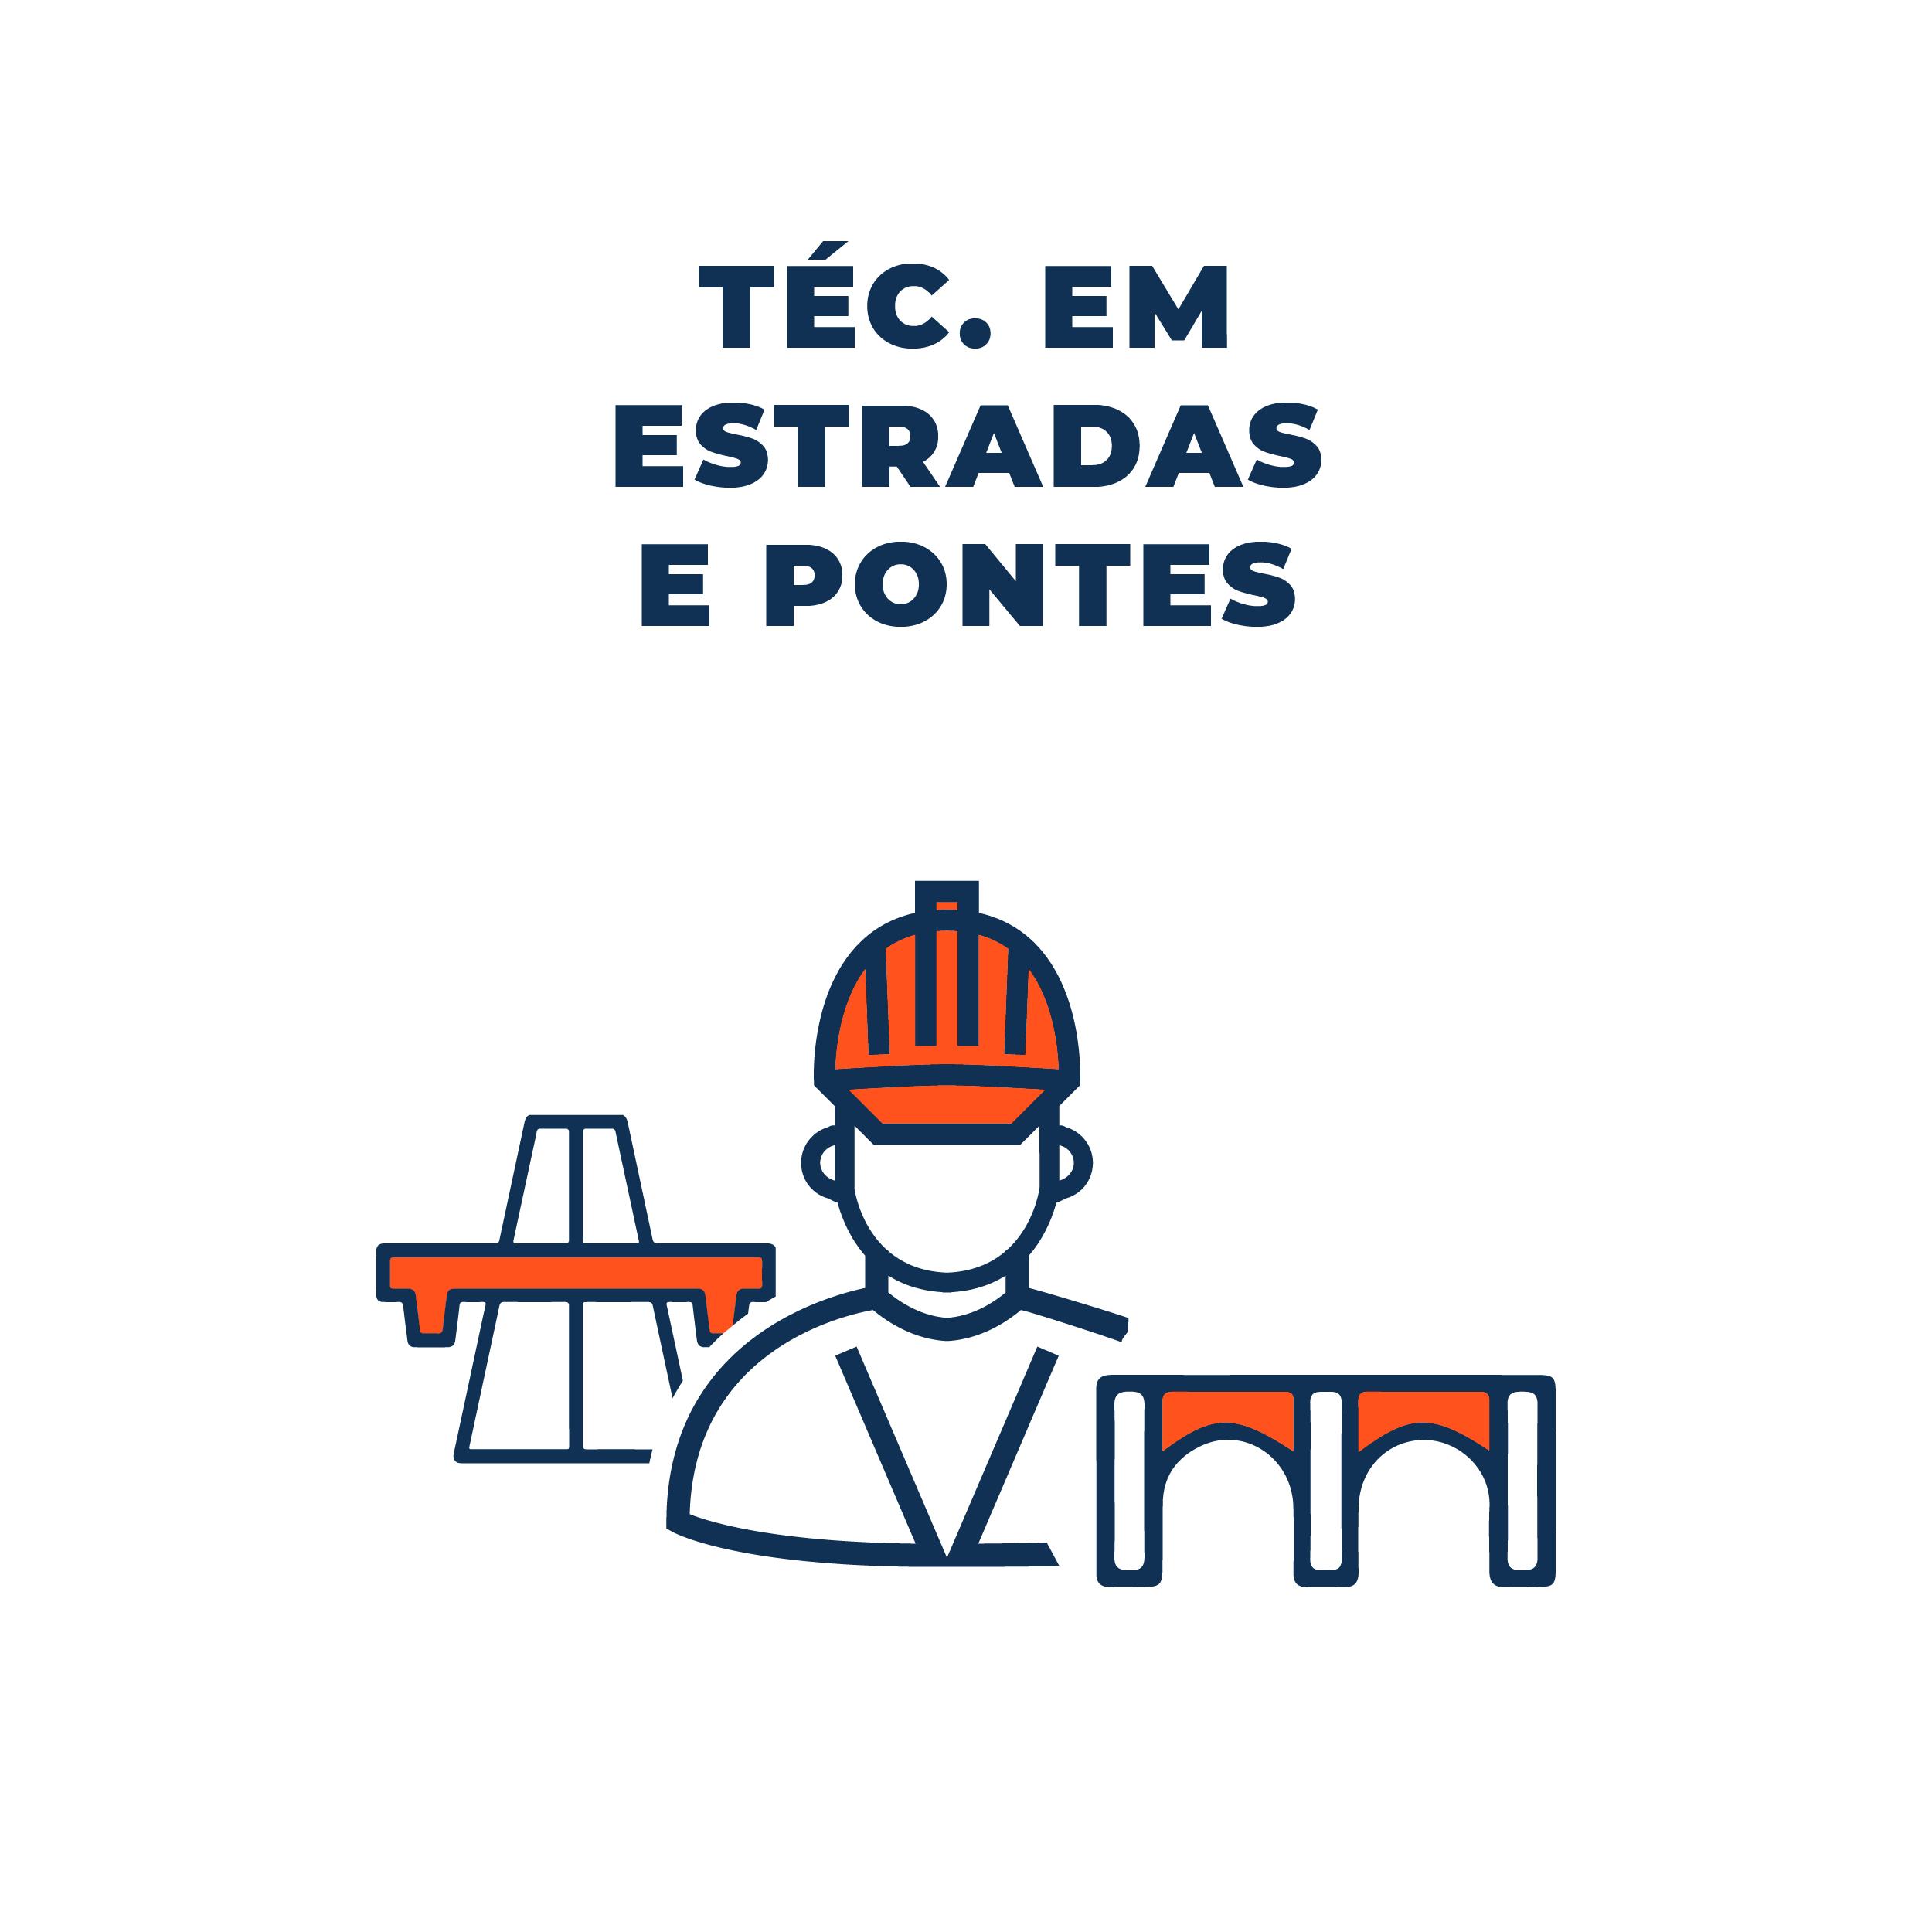 Técnico em Estradas e Pontes